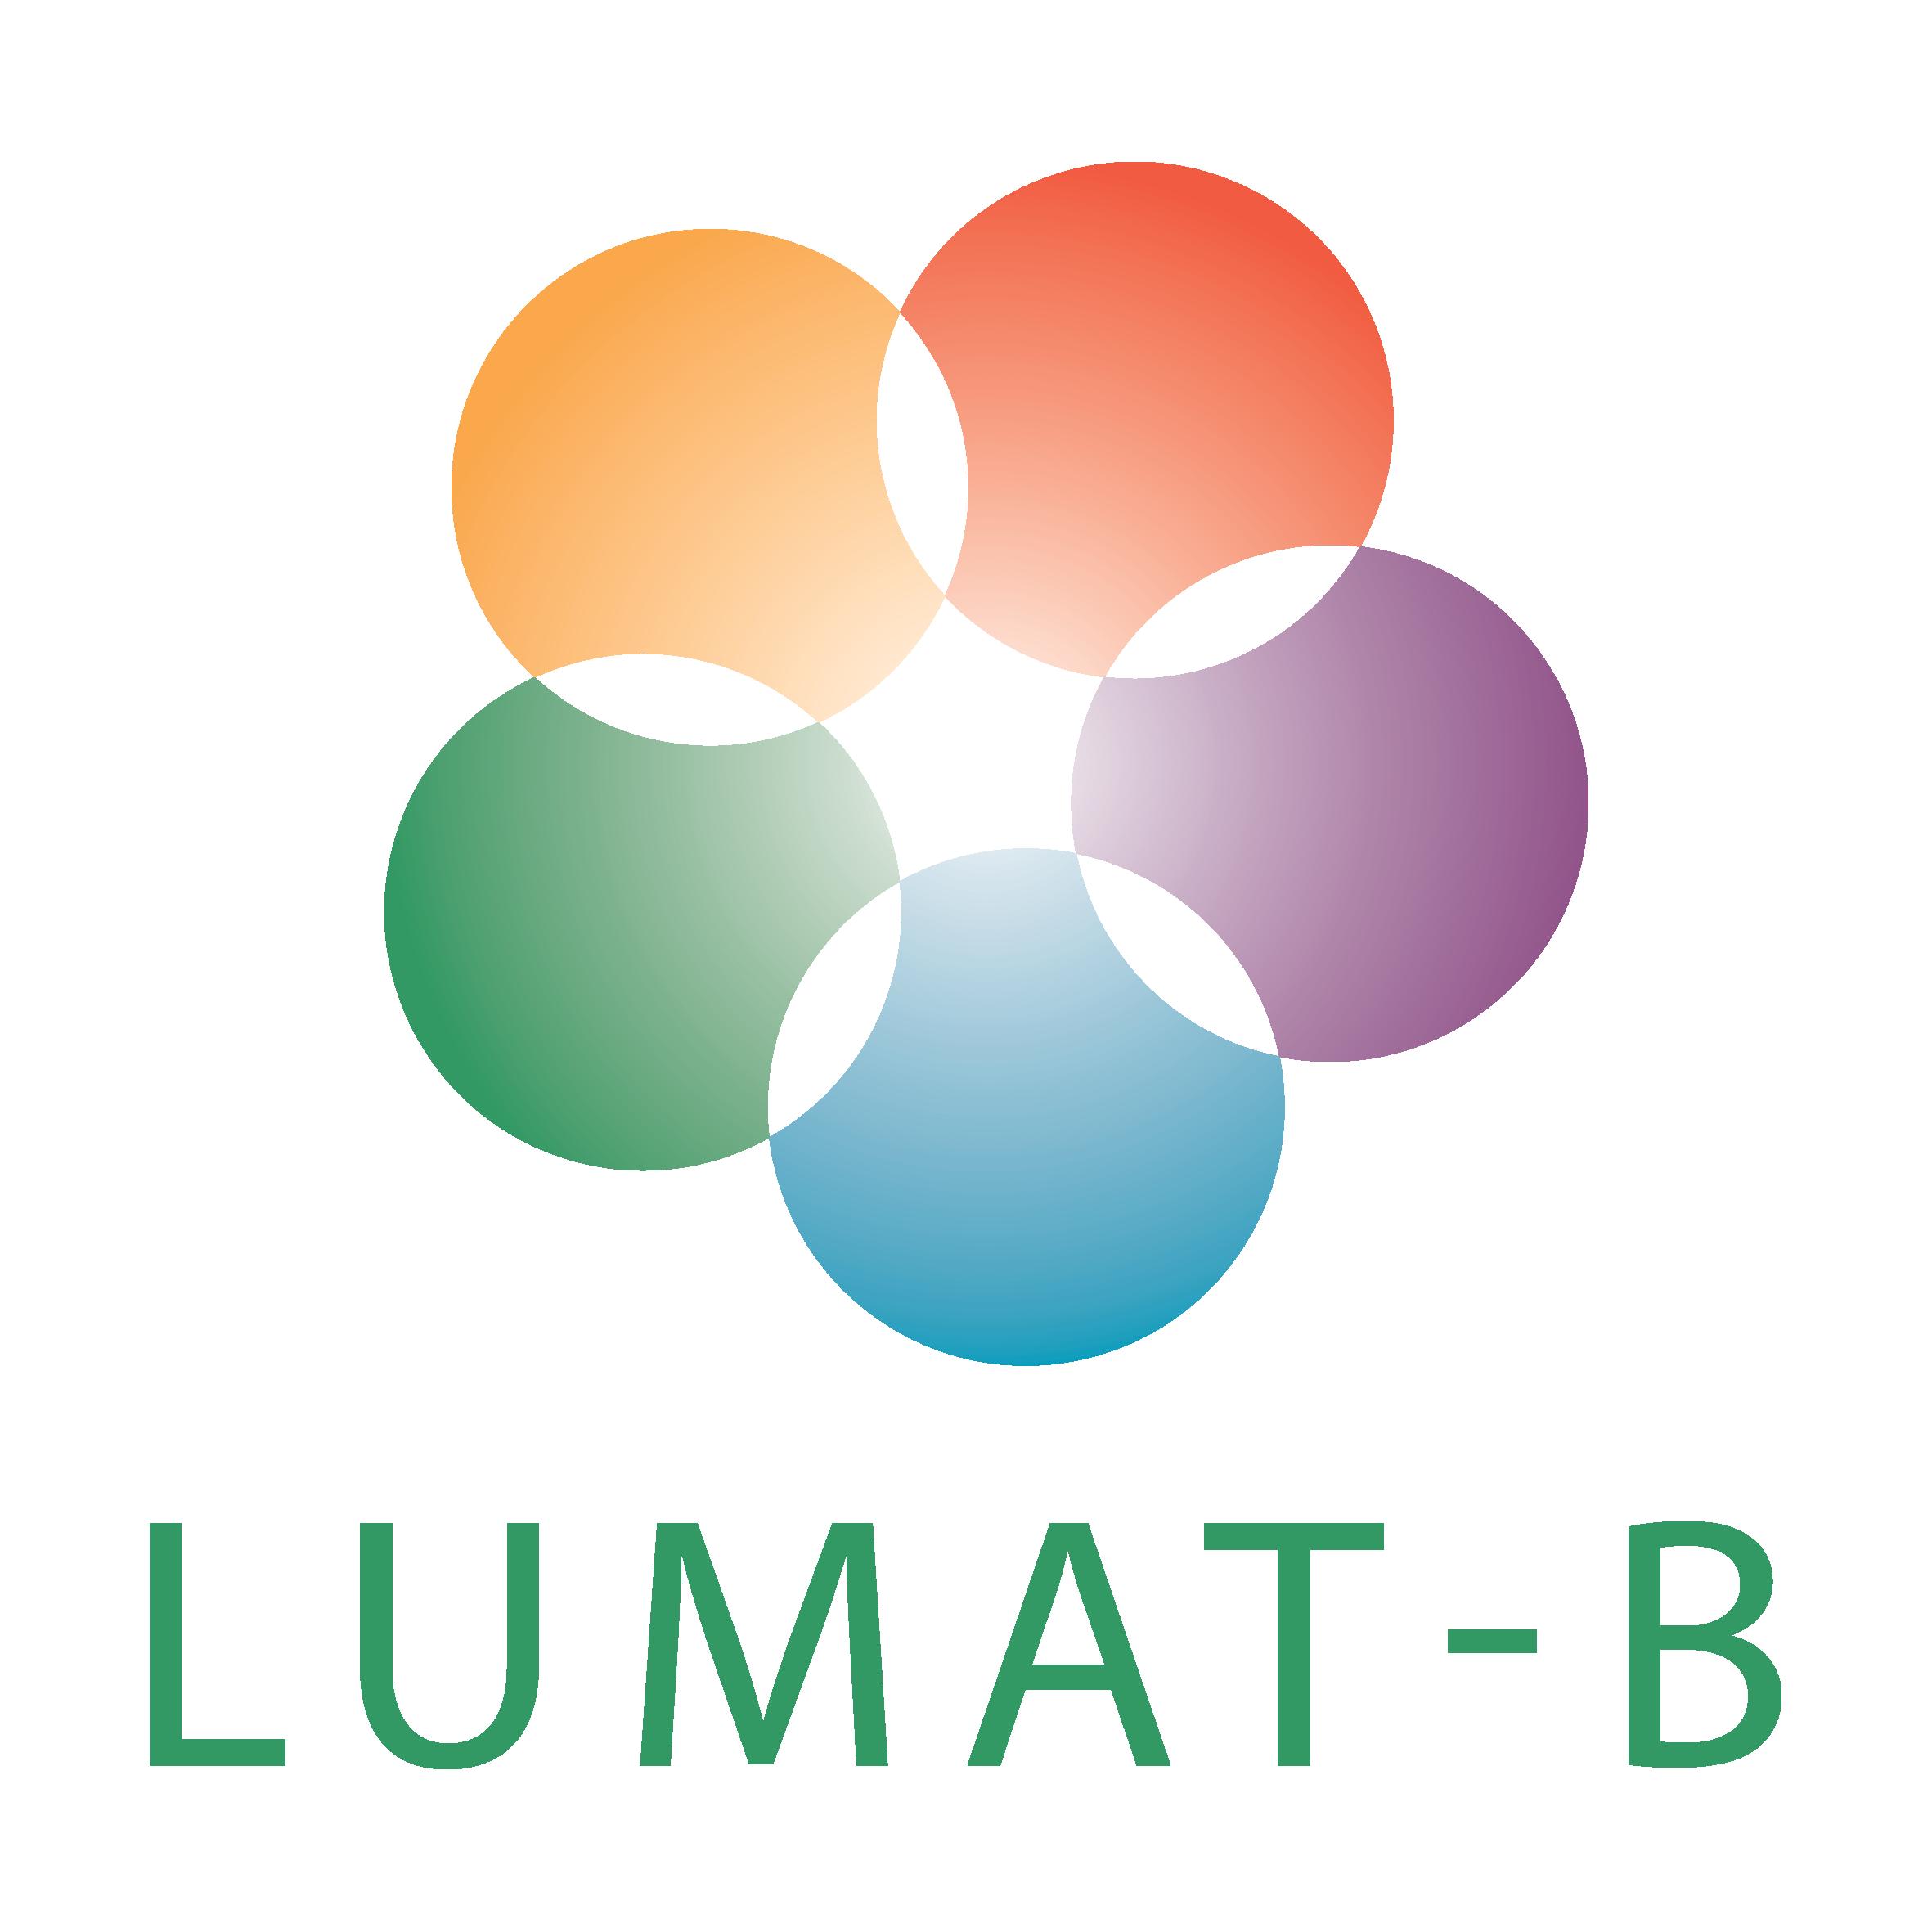 LUMATB -lehden logo / LUMAB-B journal logo